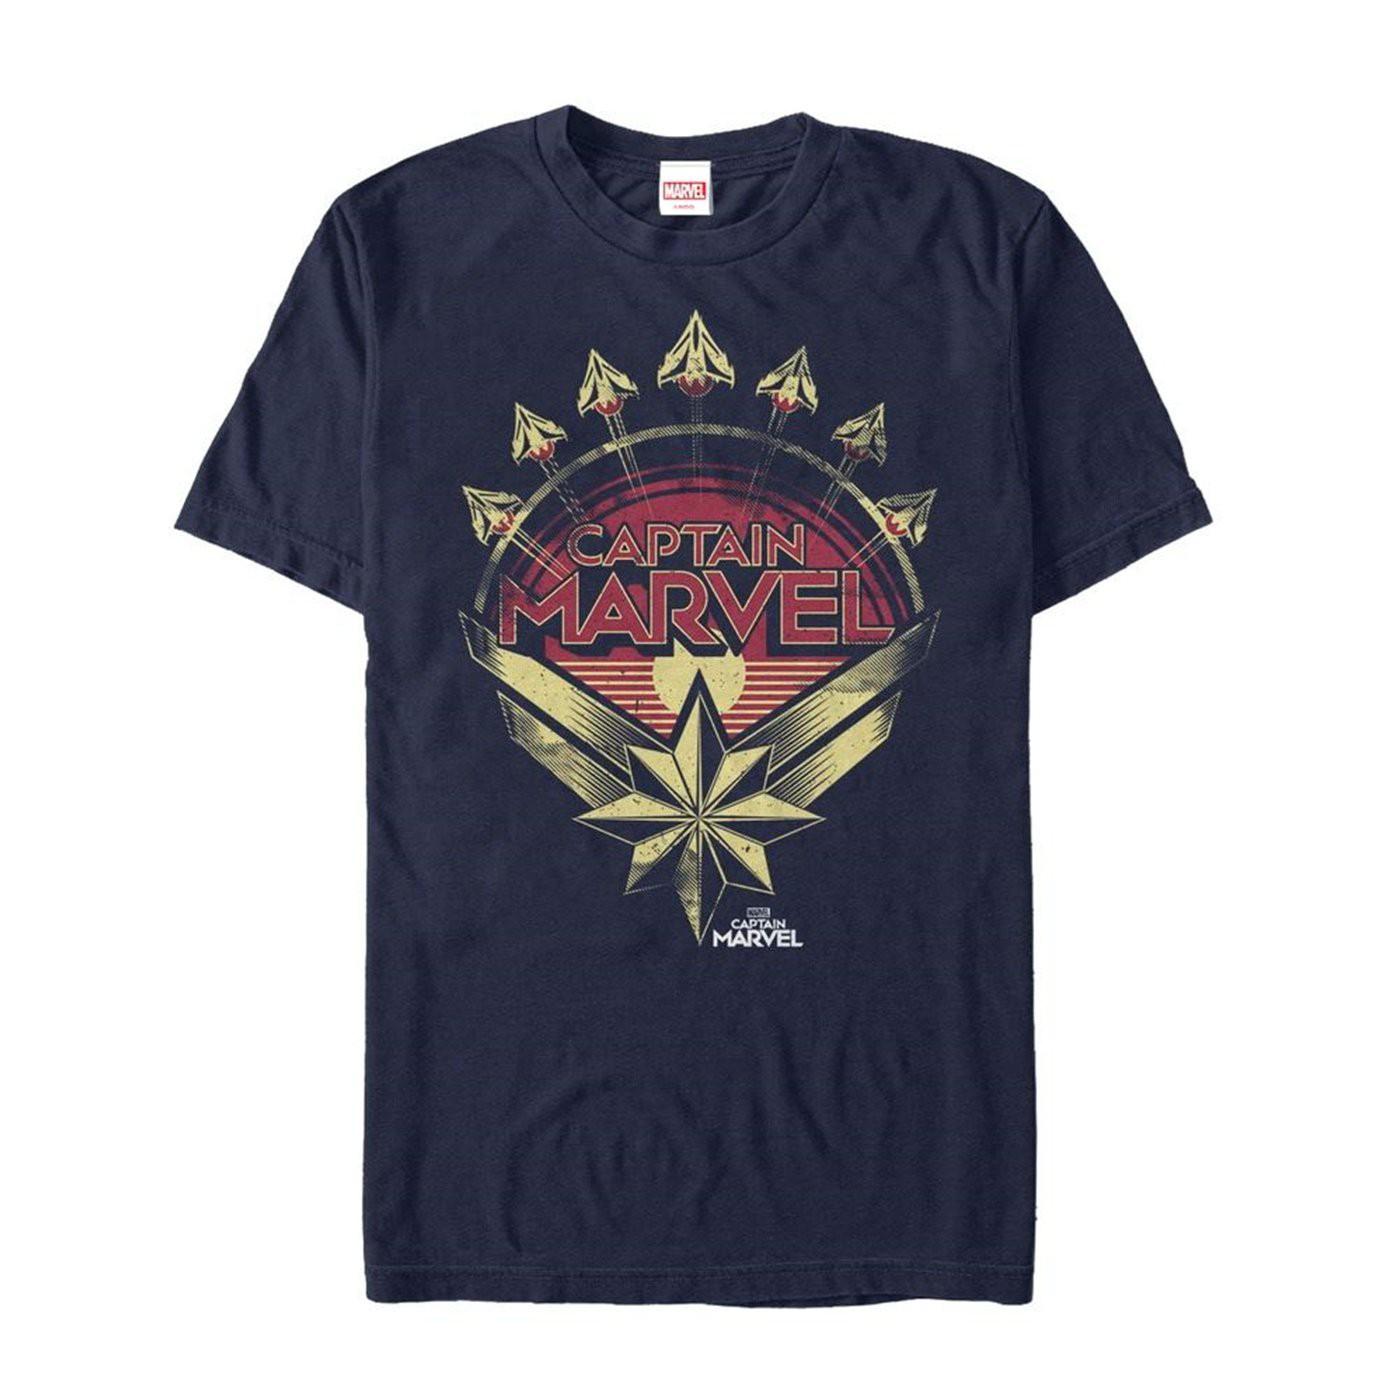 Captain Marvel Retro Fighter Jet Plane Men's T-Shirt